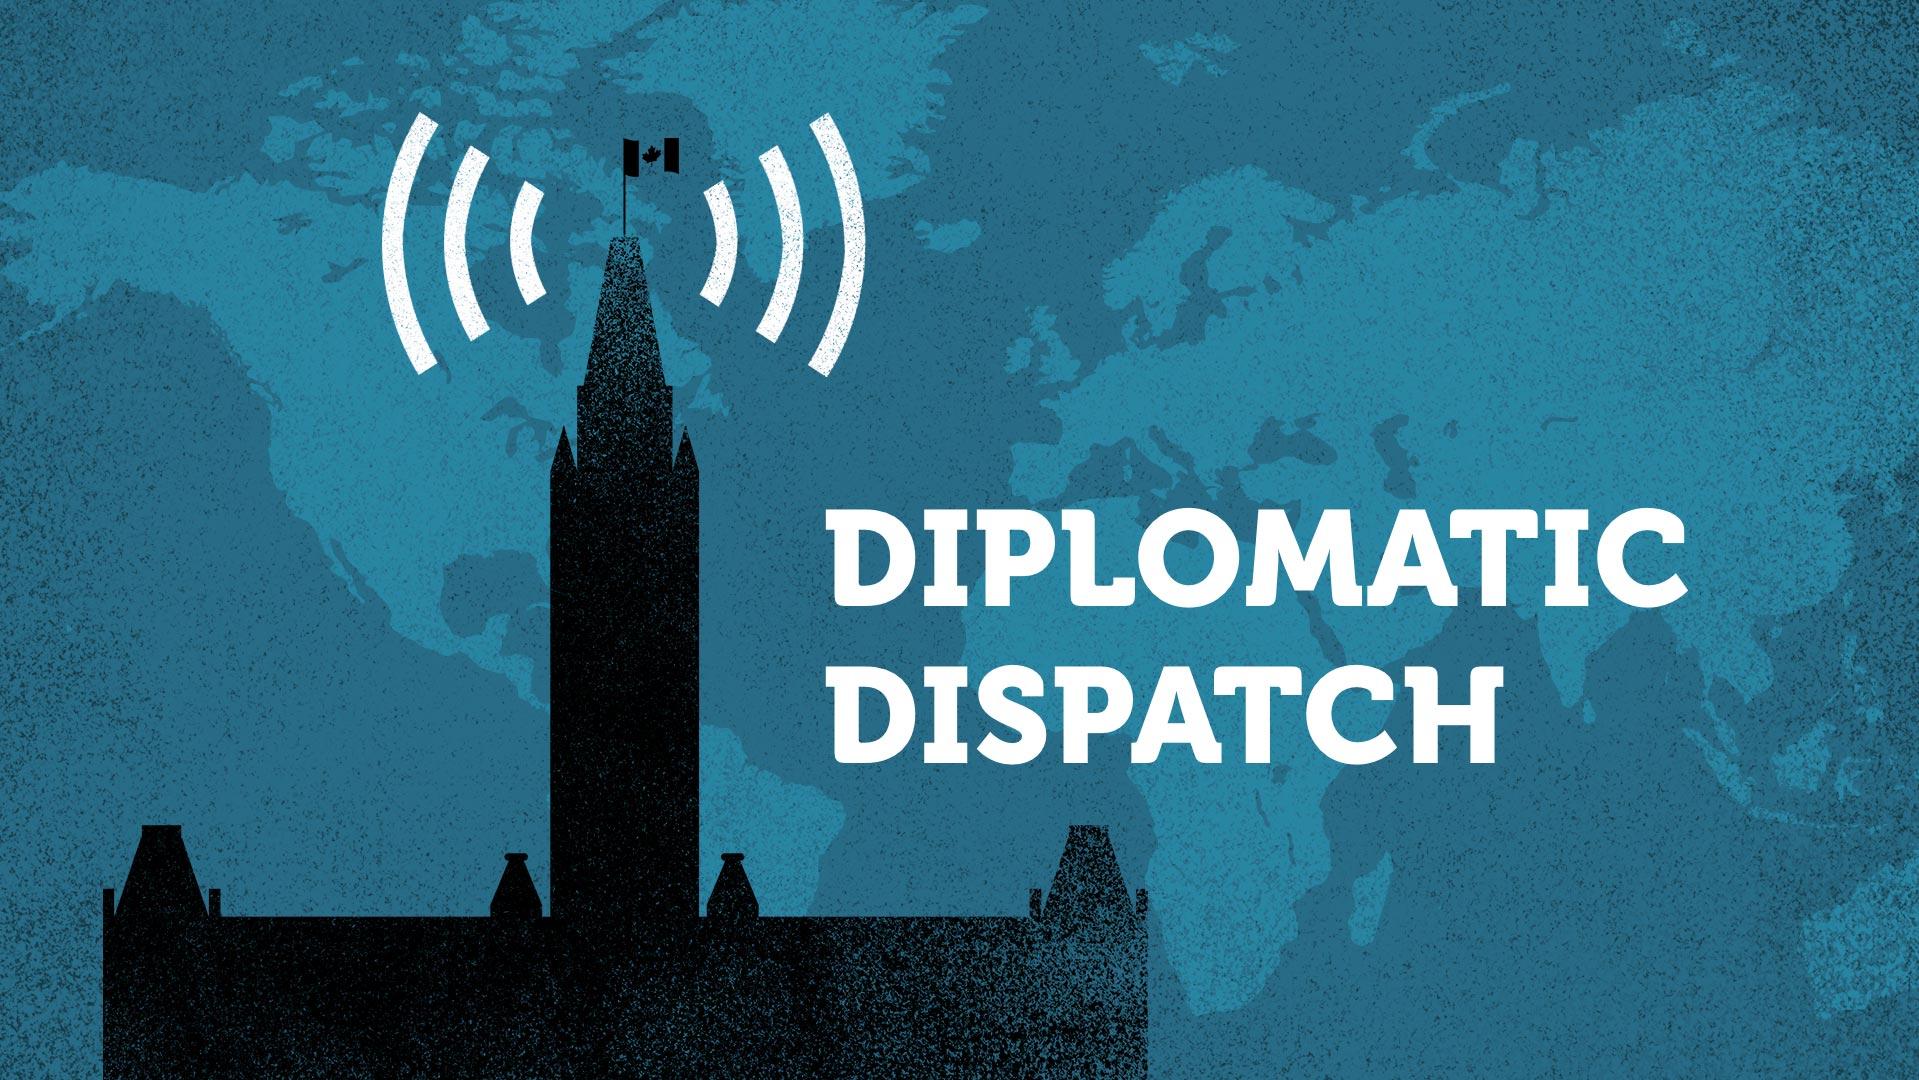 """el texto """"Despacho diplomático"""" en blanco acompañado por el Parlamento canadiense en silueta con el fondo del mapa de Canadá en dos tonos de azul"""